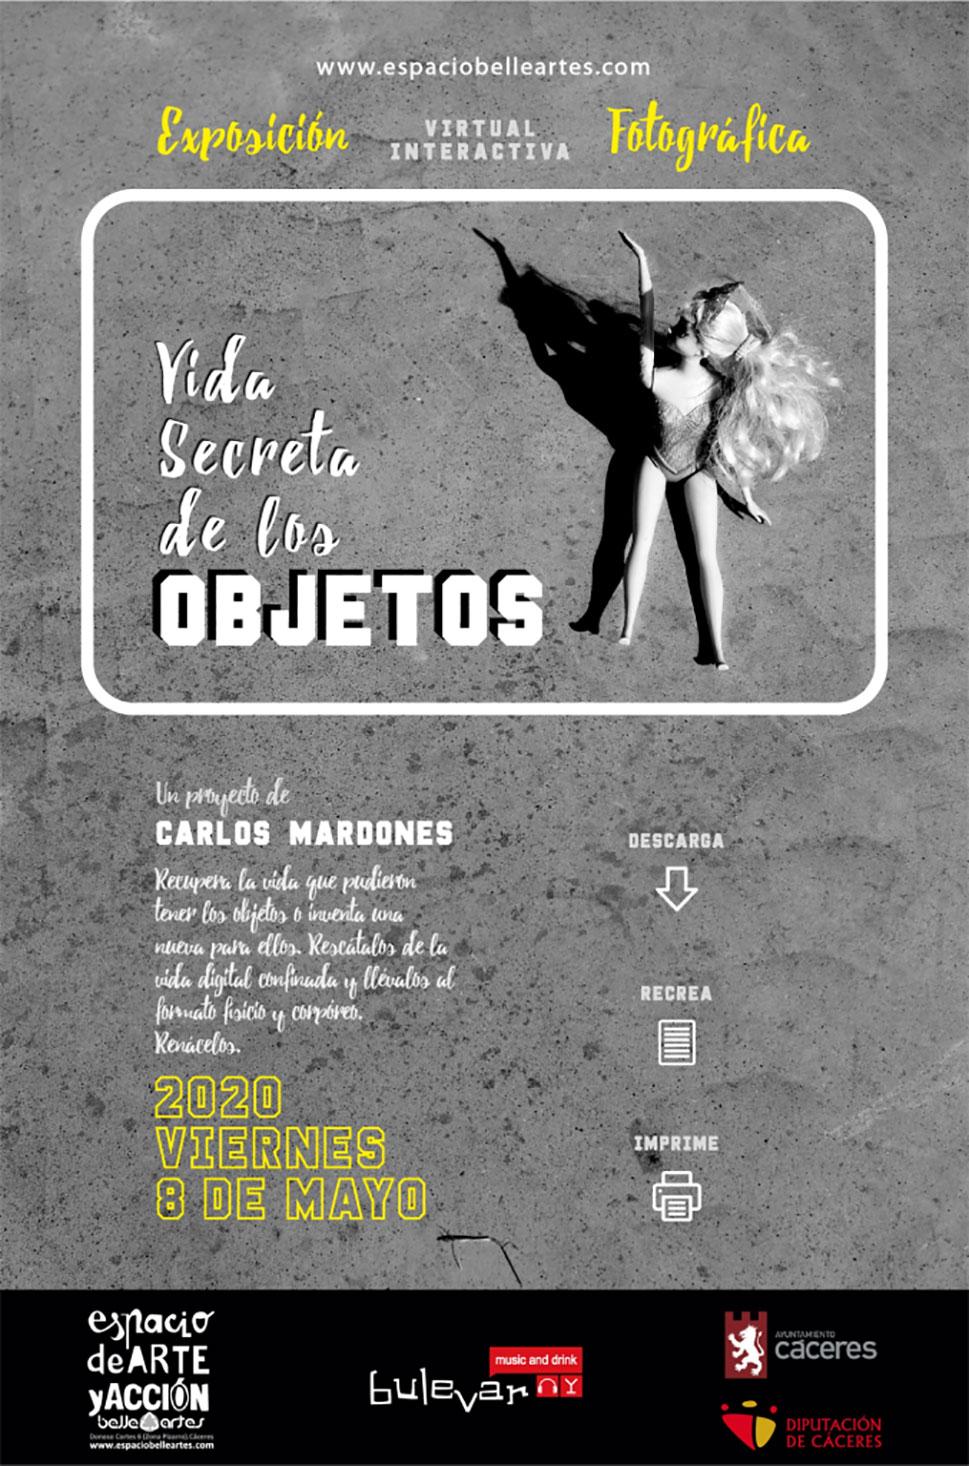 Carlos Mardones presenta la exposición virtual Vida secreta de los objetos